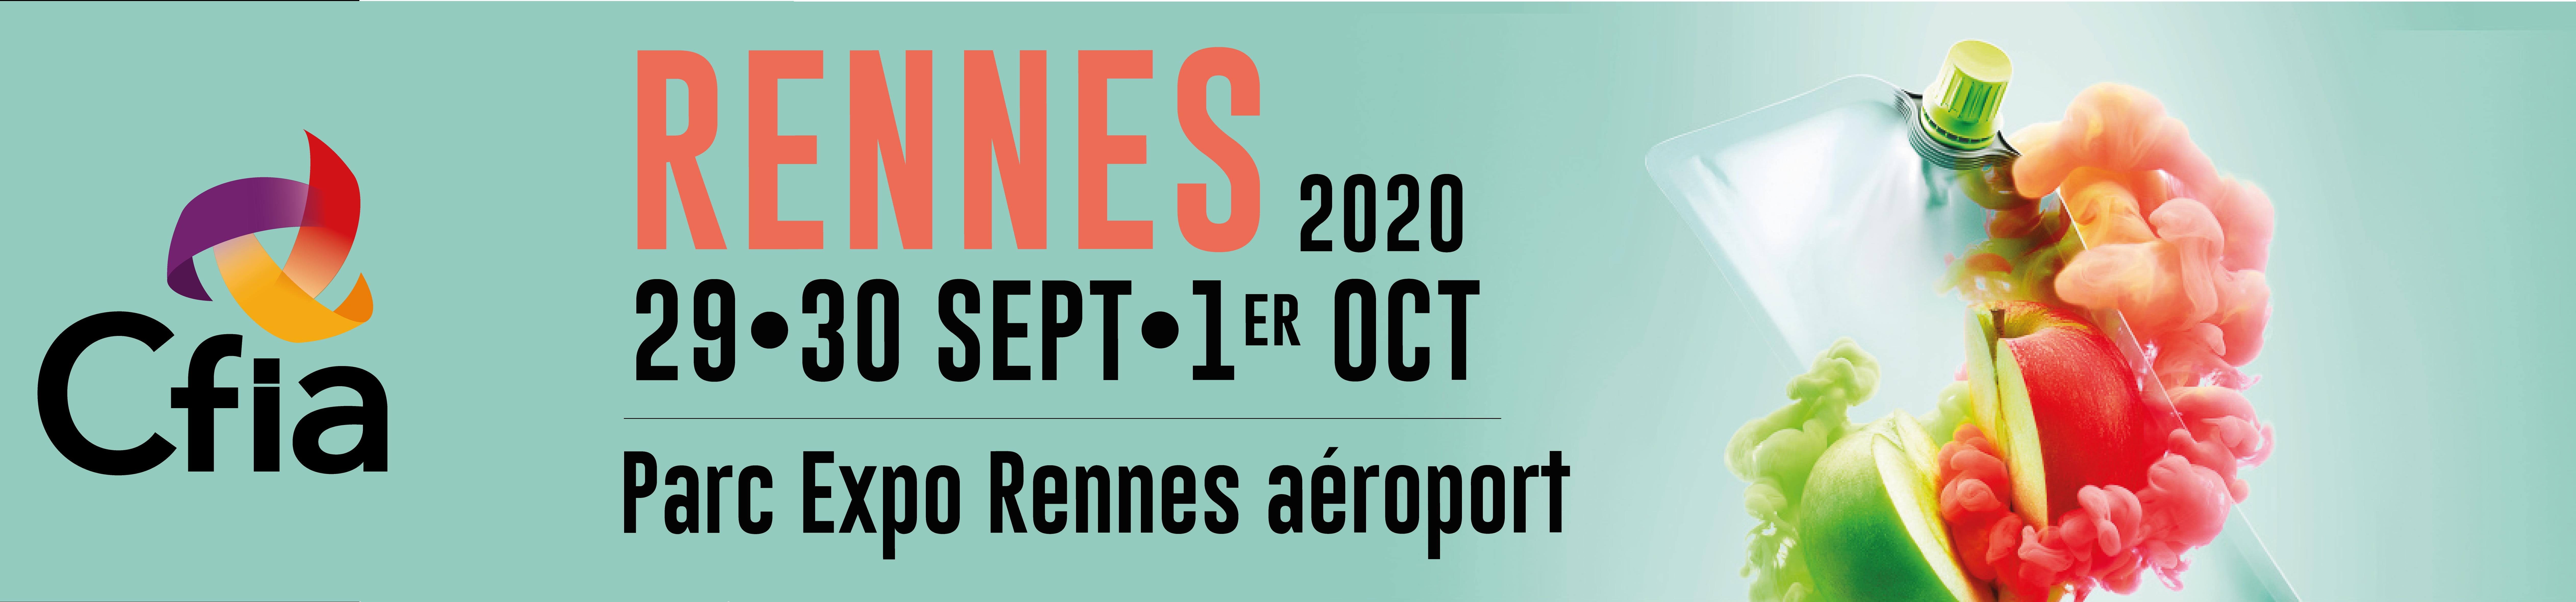 CFIA-RENNES-2020-header855x200fr